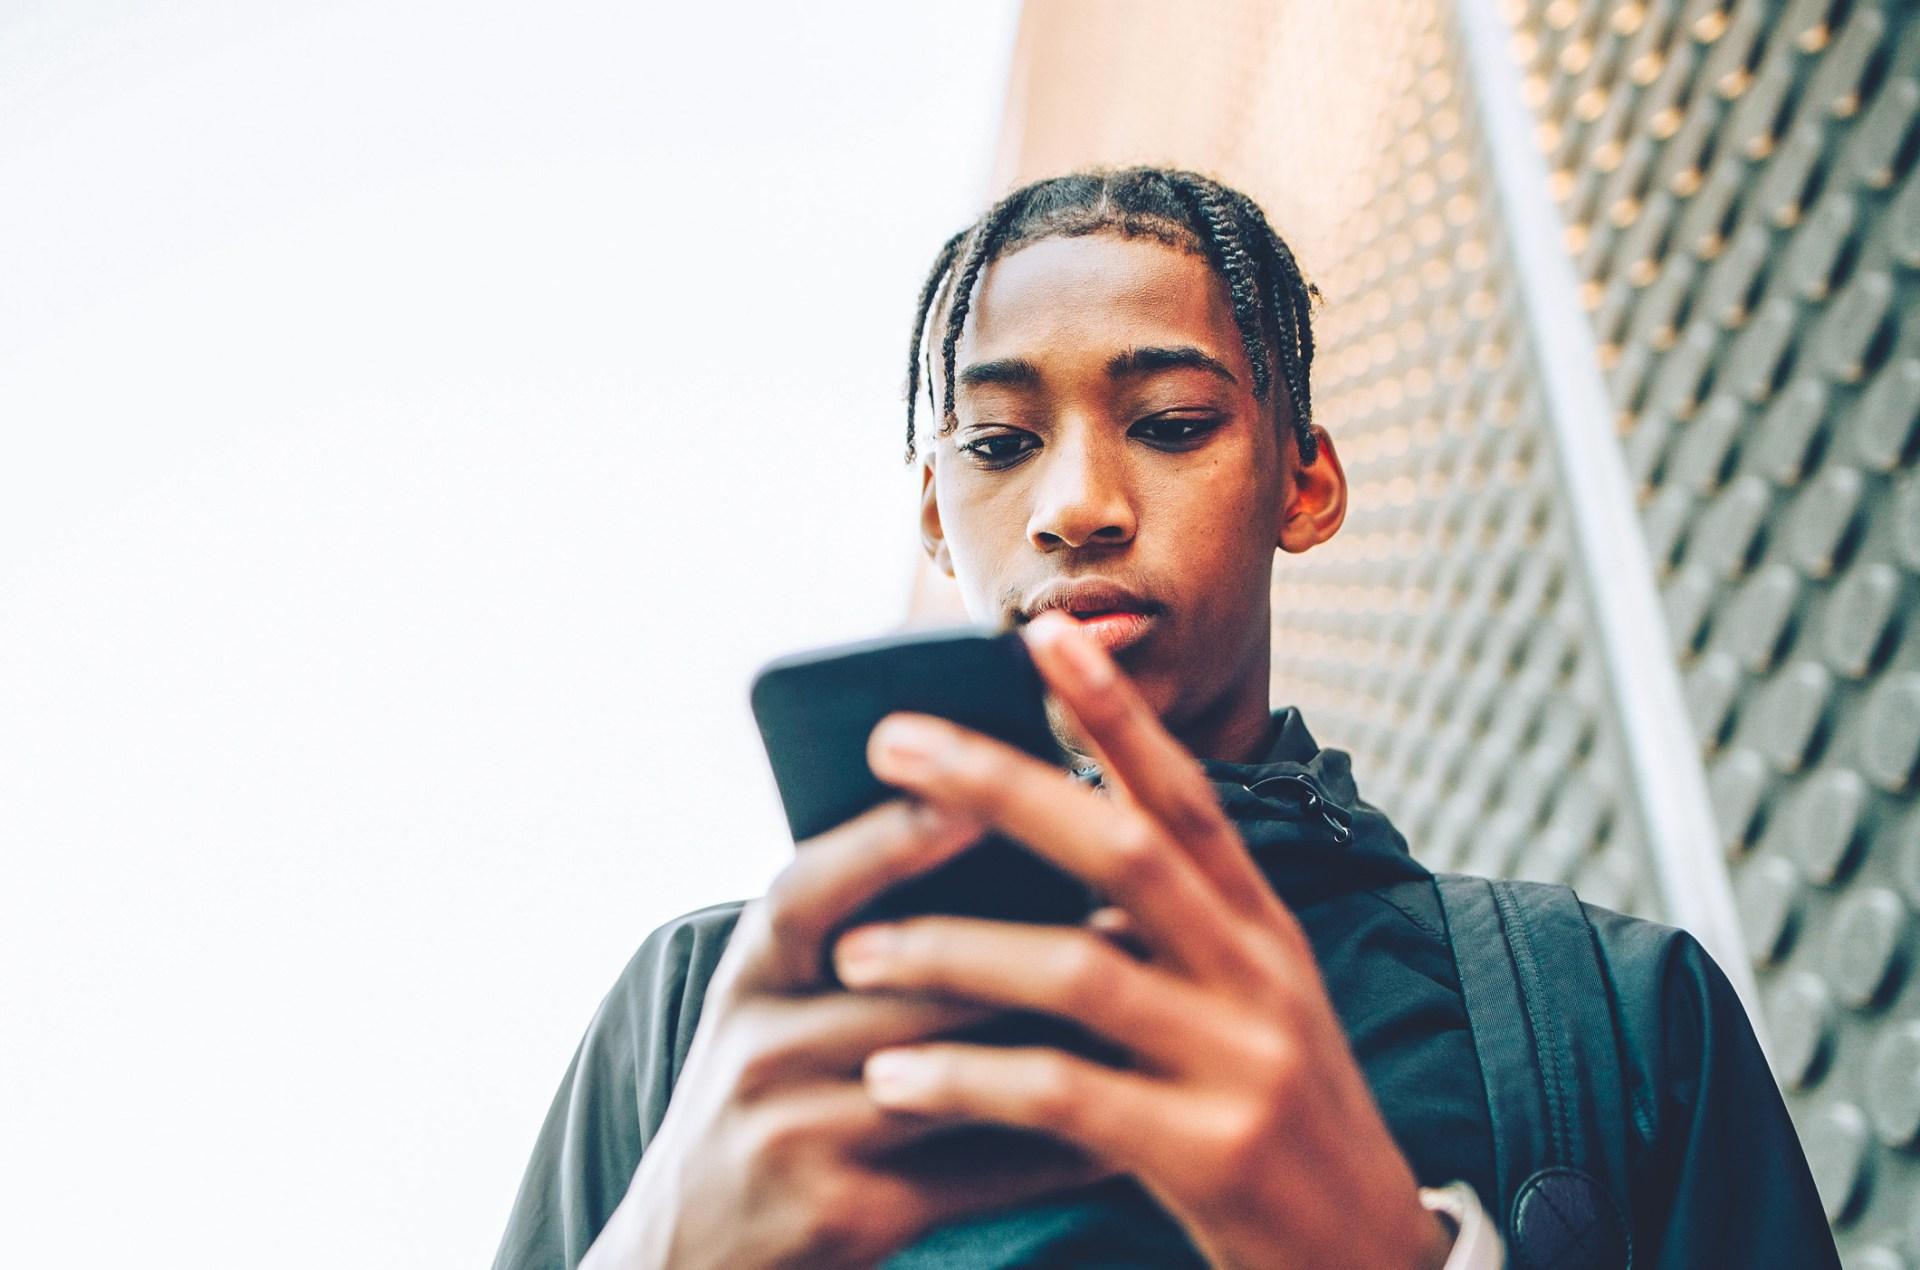 teen on their phone